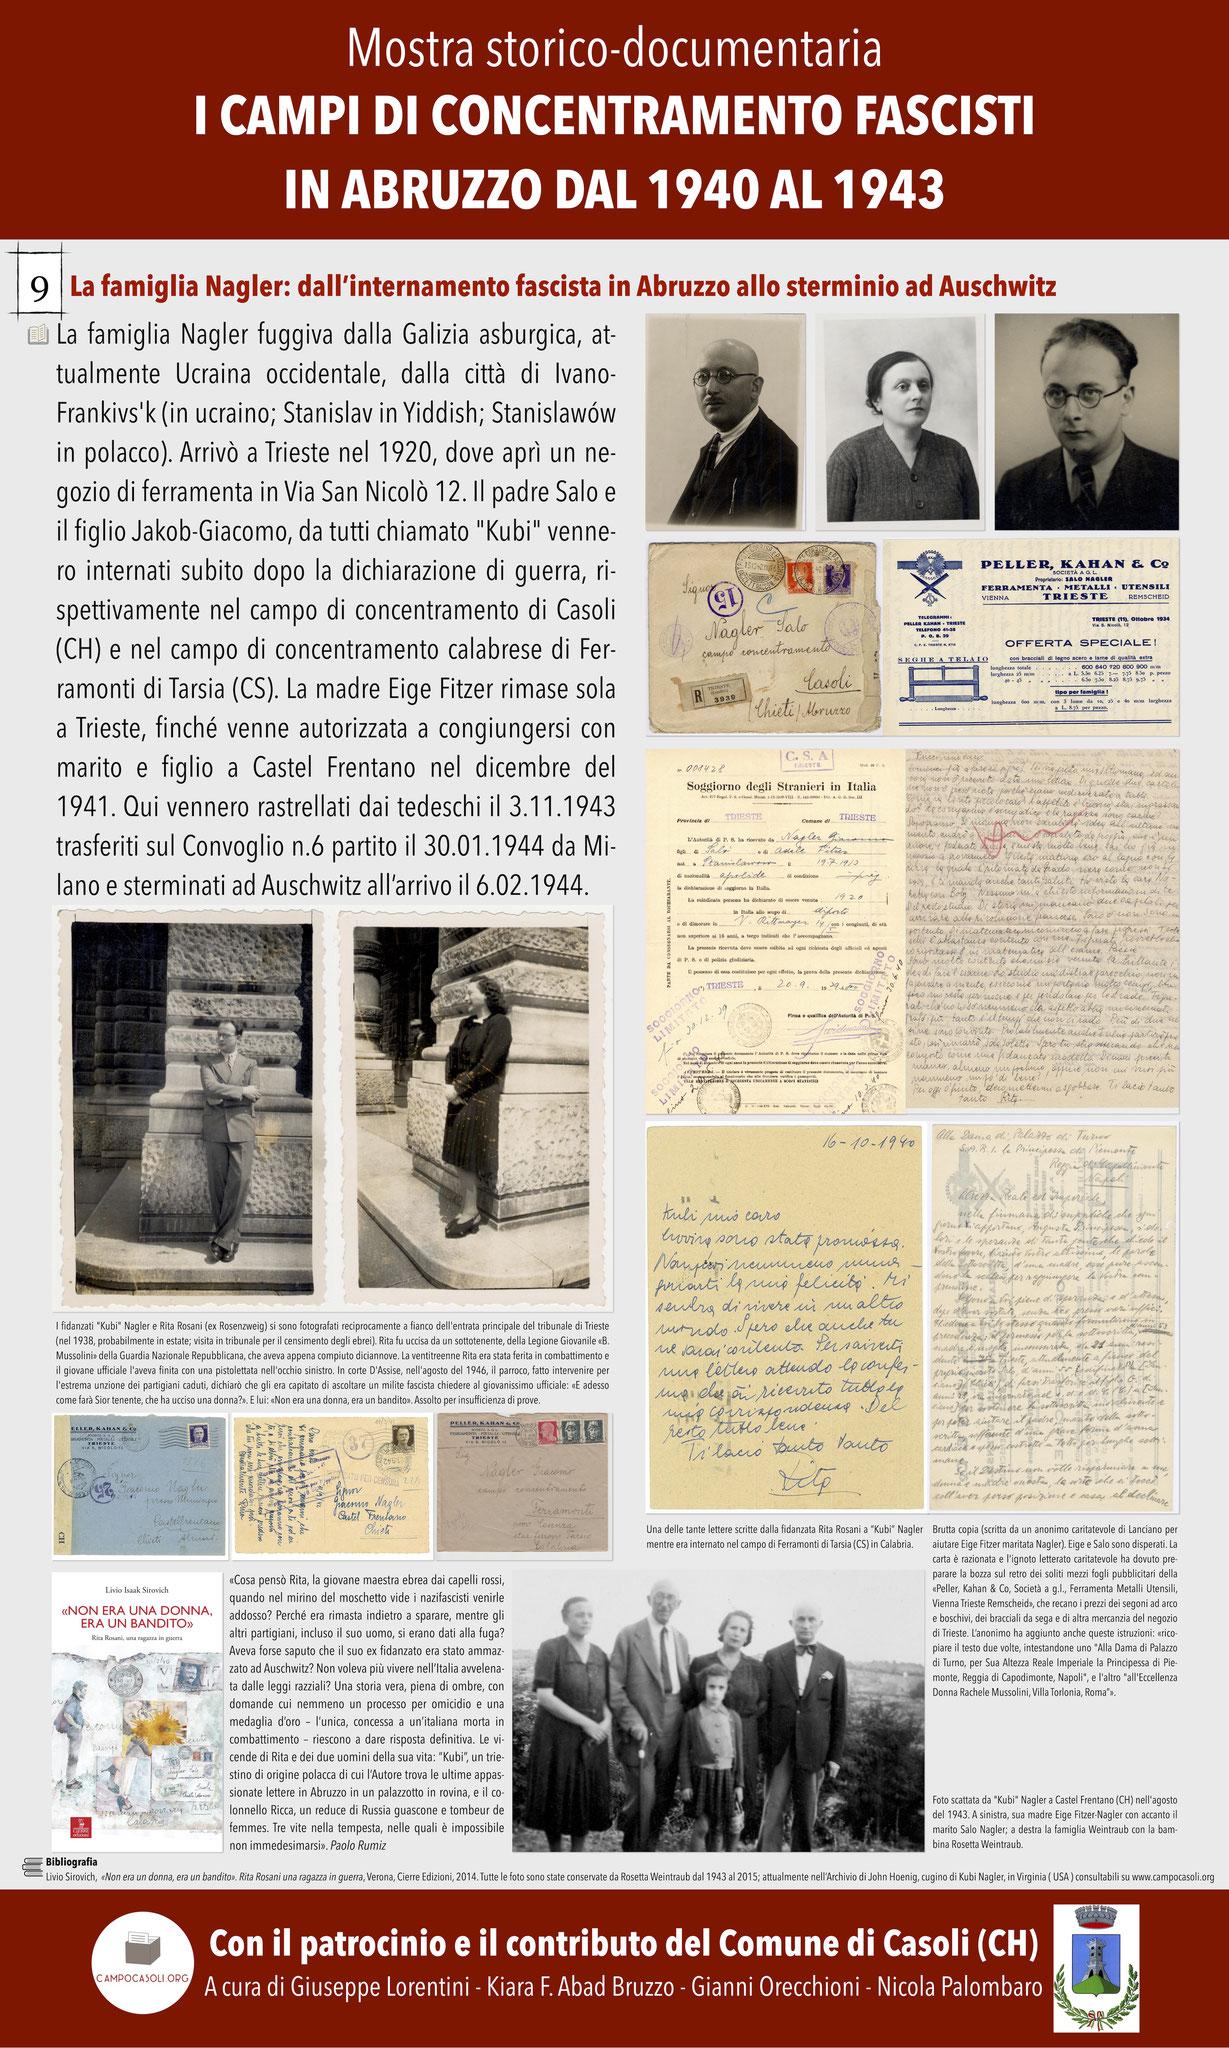 9. La famiglia Nagler: dall'internamento fascista in Abruzzo allo sterminio ad Auschwitz